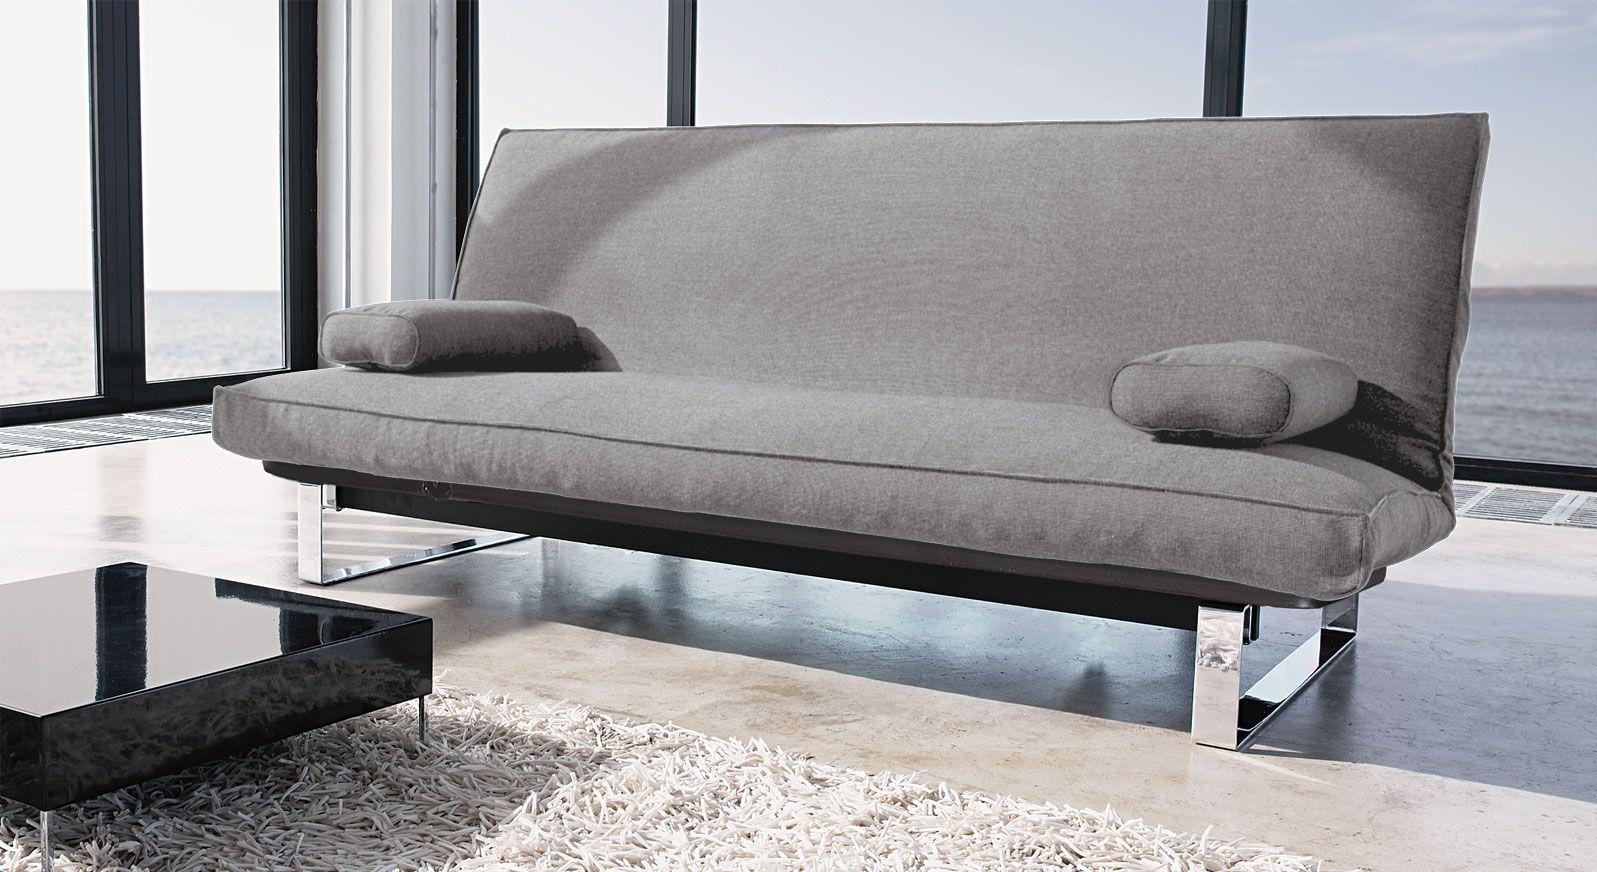 Full Size of Stoff Schlafsofa In Grau Ausklappbar Schlafcouch Astoria Bett Ausklappbares Wohnzimmer Couch Ausklappbar